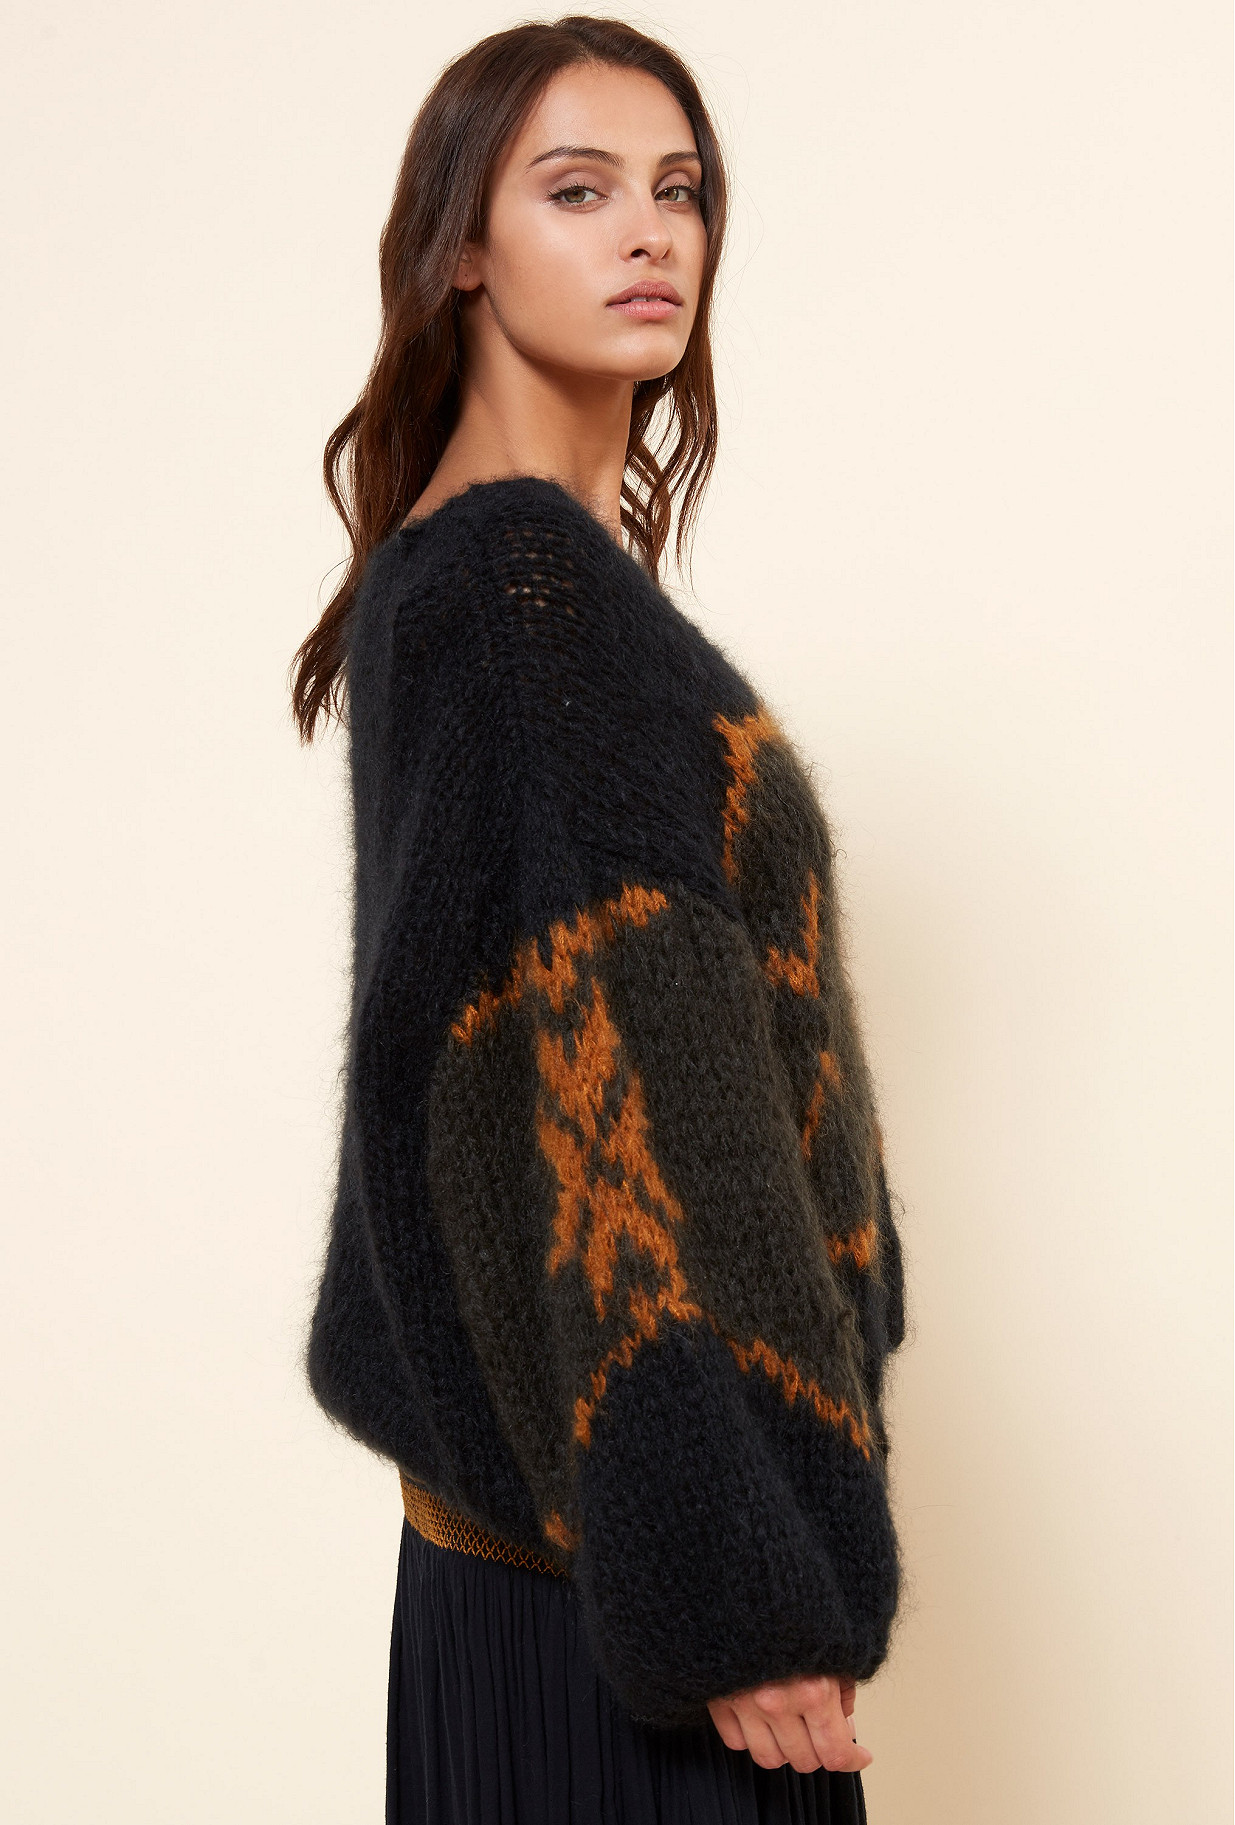 Black Sweater Sigmund